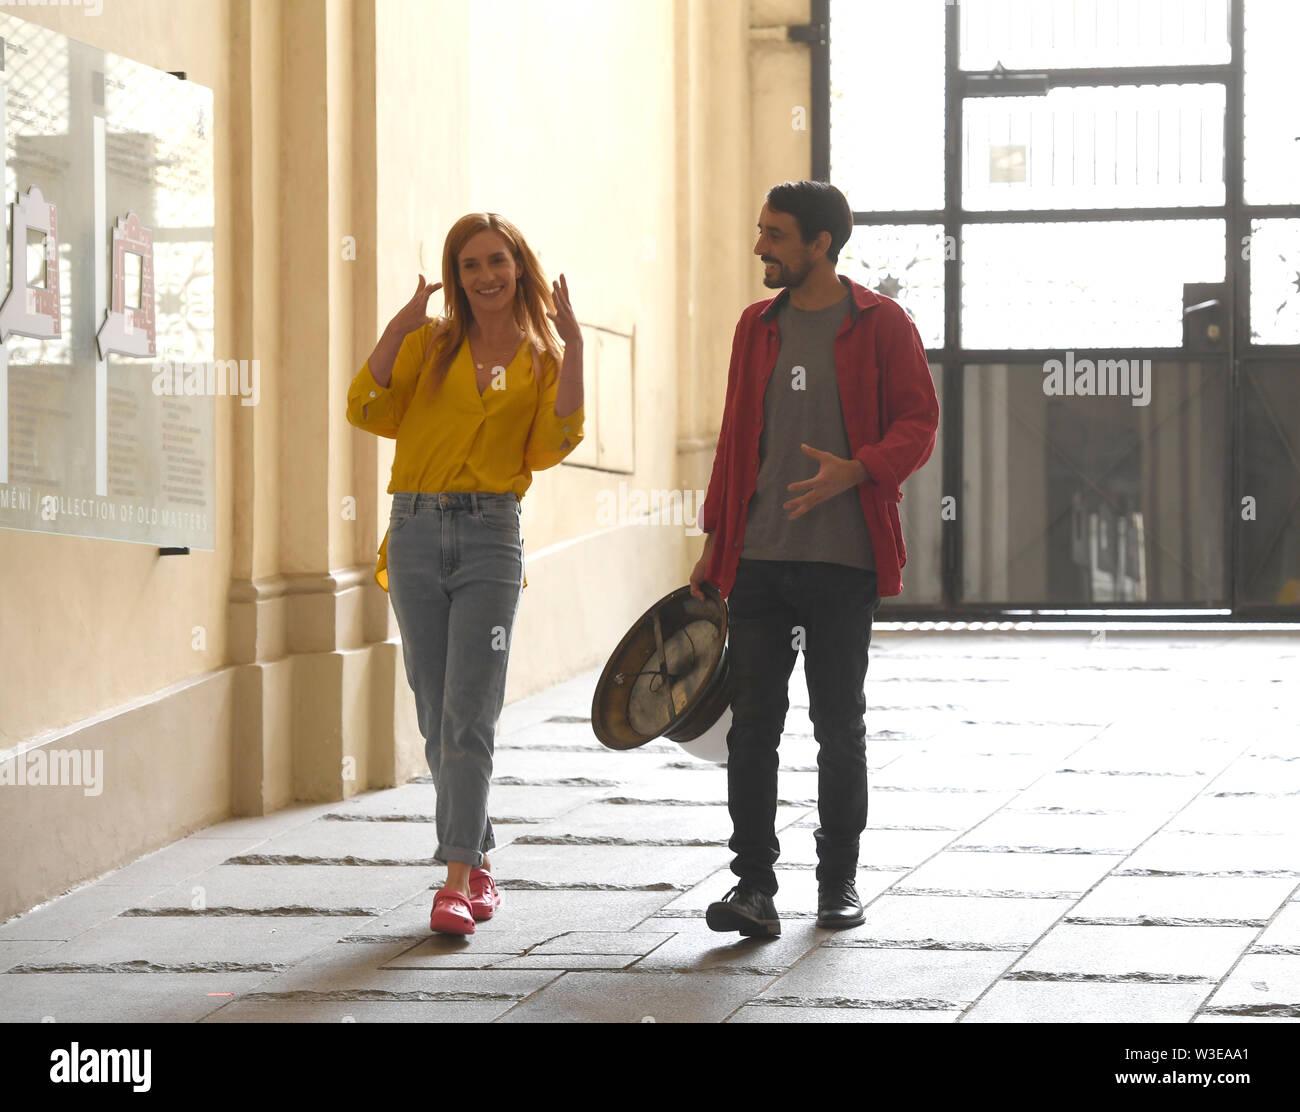 Direttore Fiona Ziegler ha girato un Swiss-Czech road movie perduta nel paradiso a Praga Repubblica Ceca, luglio 15, 2019. . Attori DOMINIQUE JANN e HANA VAGNEROVA (sinistra) svolgono ruoli principali. Foto Stock